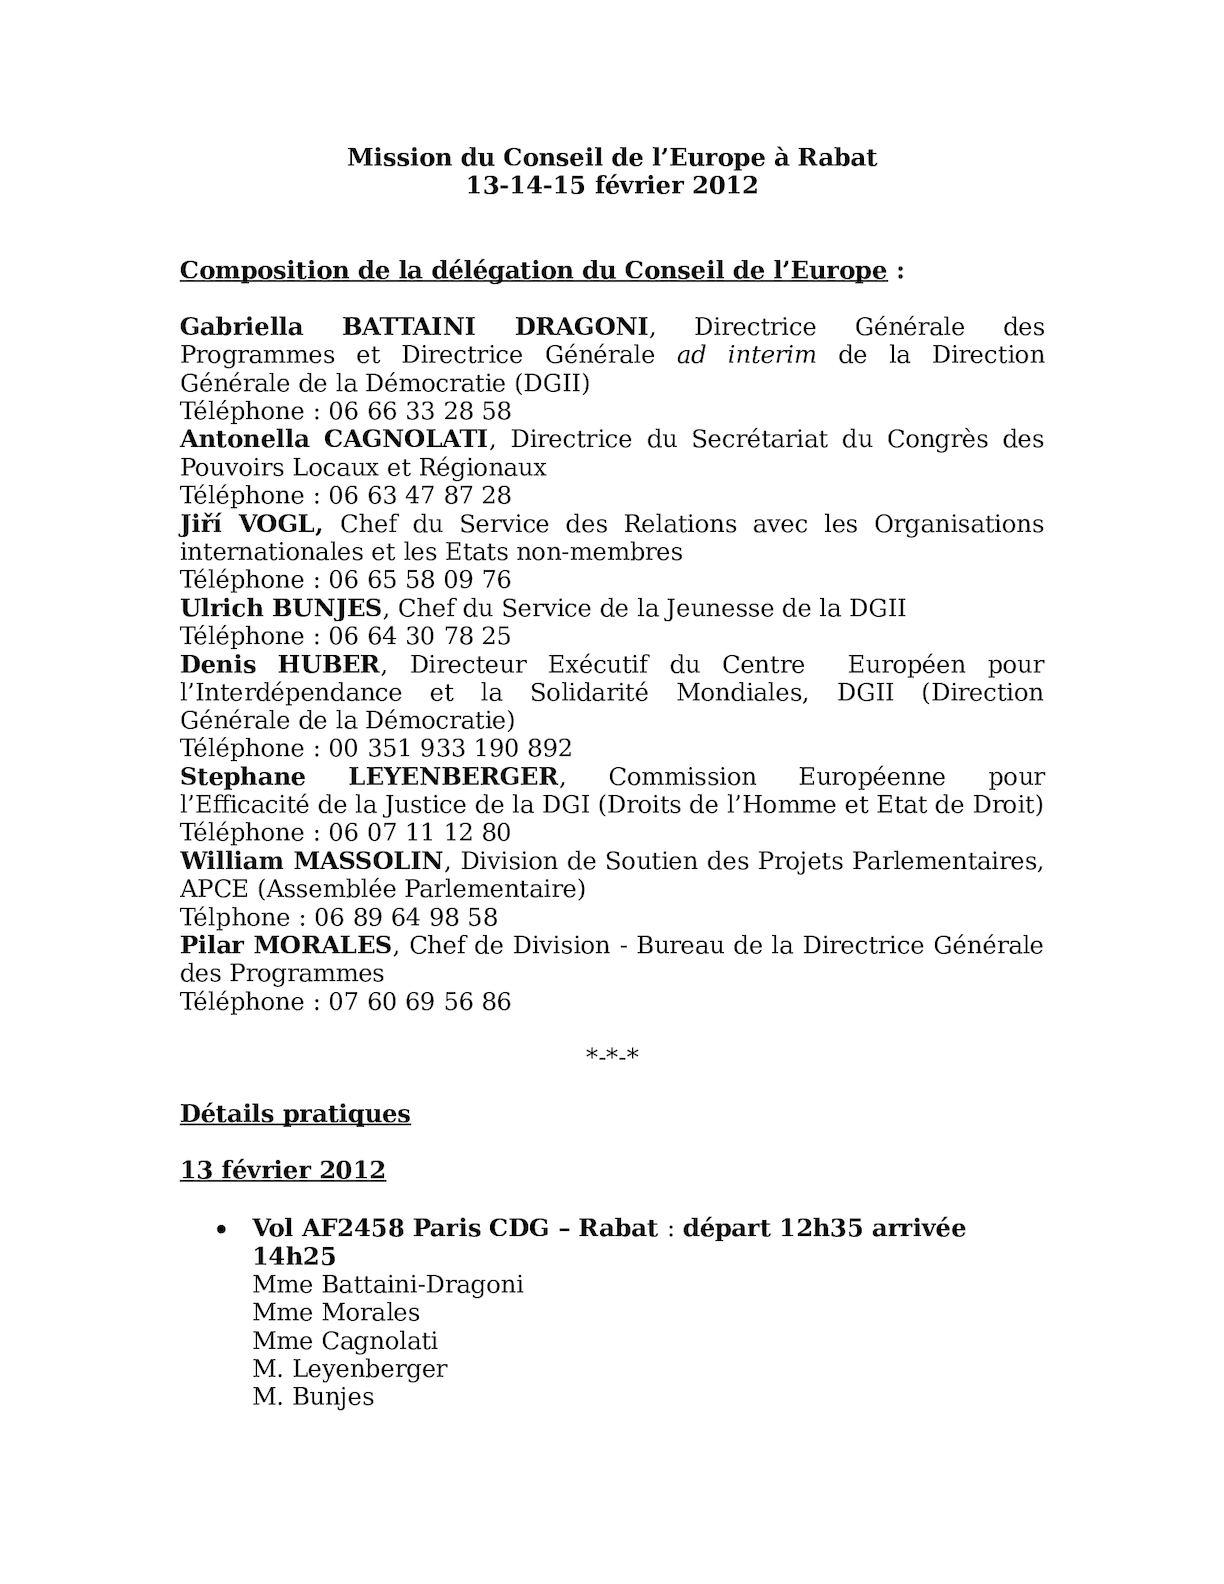 Mission Du Conseil De L'Europe à Rabat